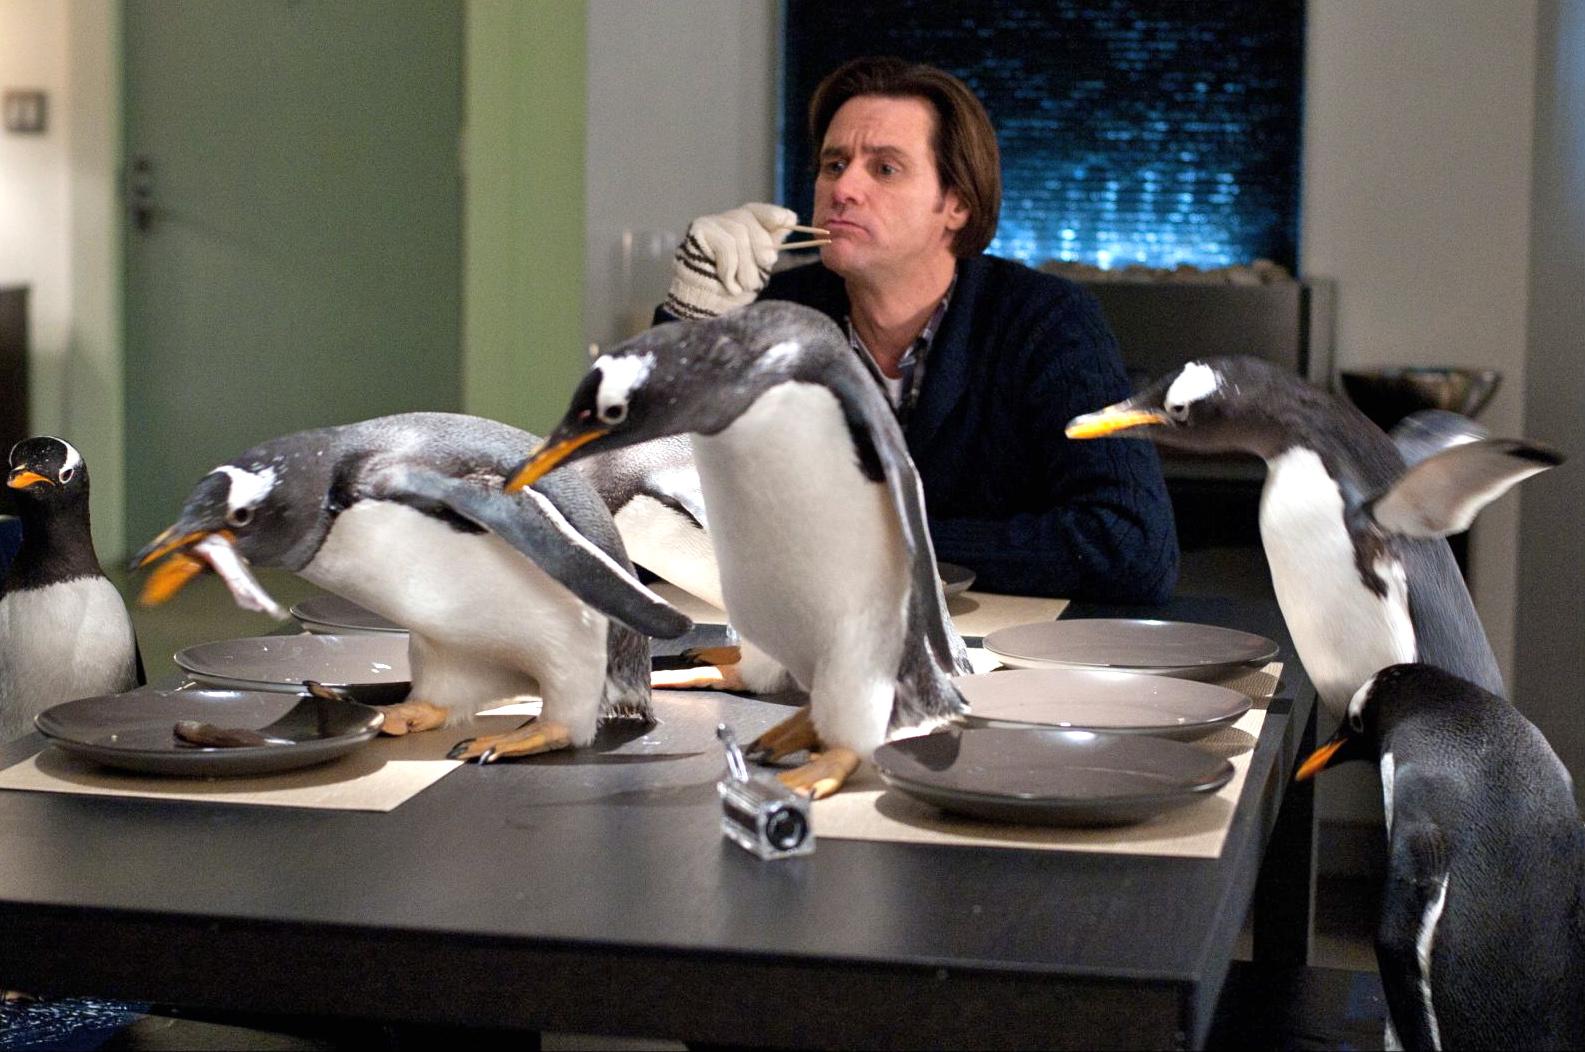 http://2.bp.blogspot.com/-fiwkRTMktK0/Tkm0IJJlvmI/AAAAAAAACTc/rBlVCqjXgnc/s1600/2011_mr_poppers_penguins_001.jpg